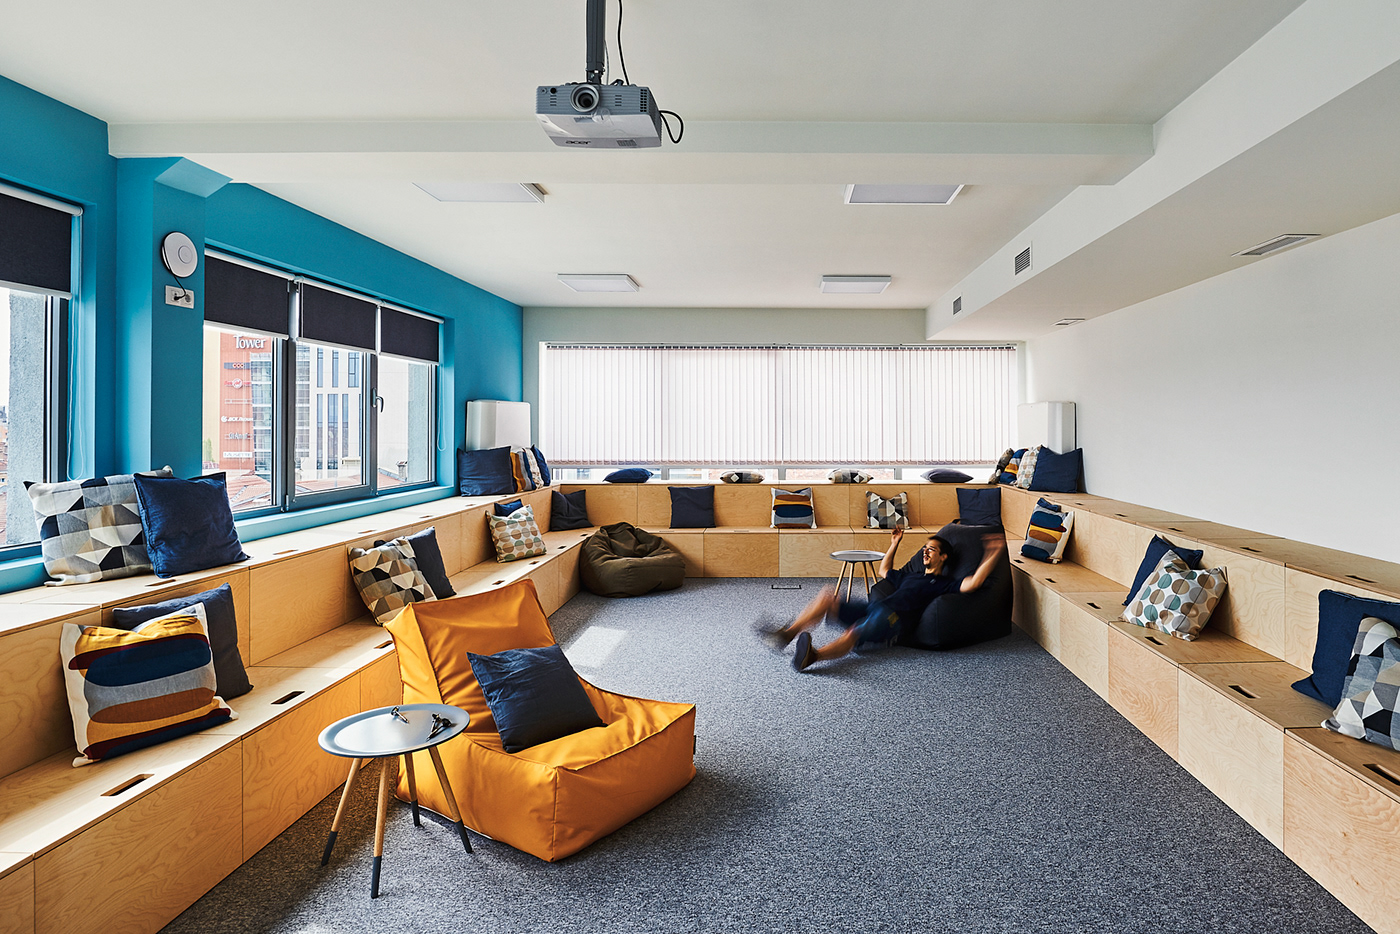 高質感的47個辦公室設計欣賞